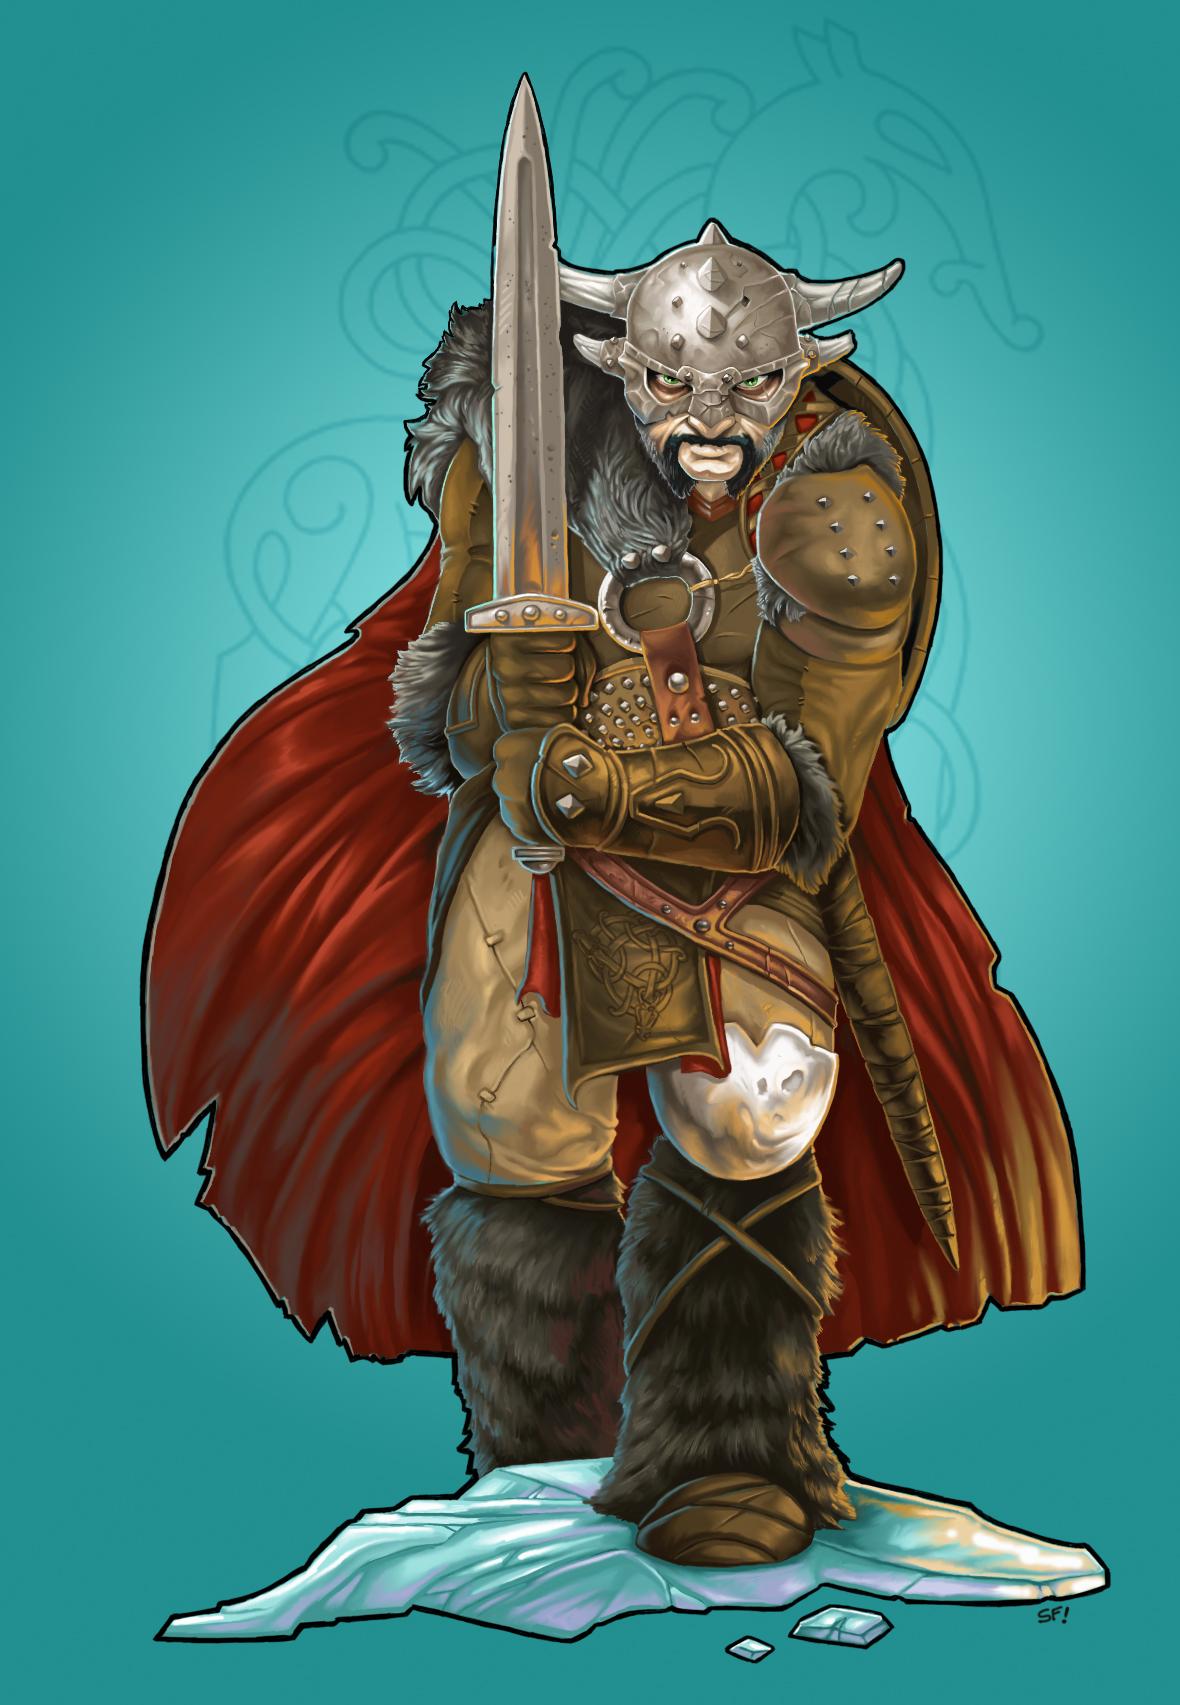 Ice Mountain Barbarian figure 1